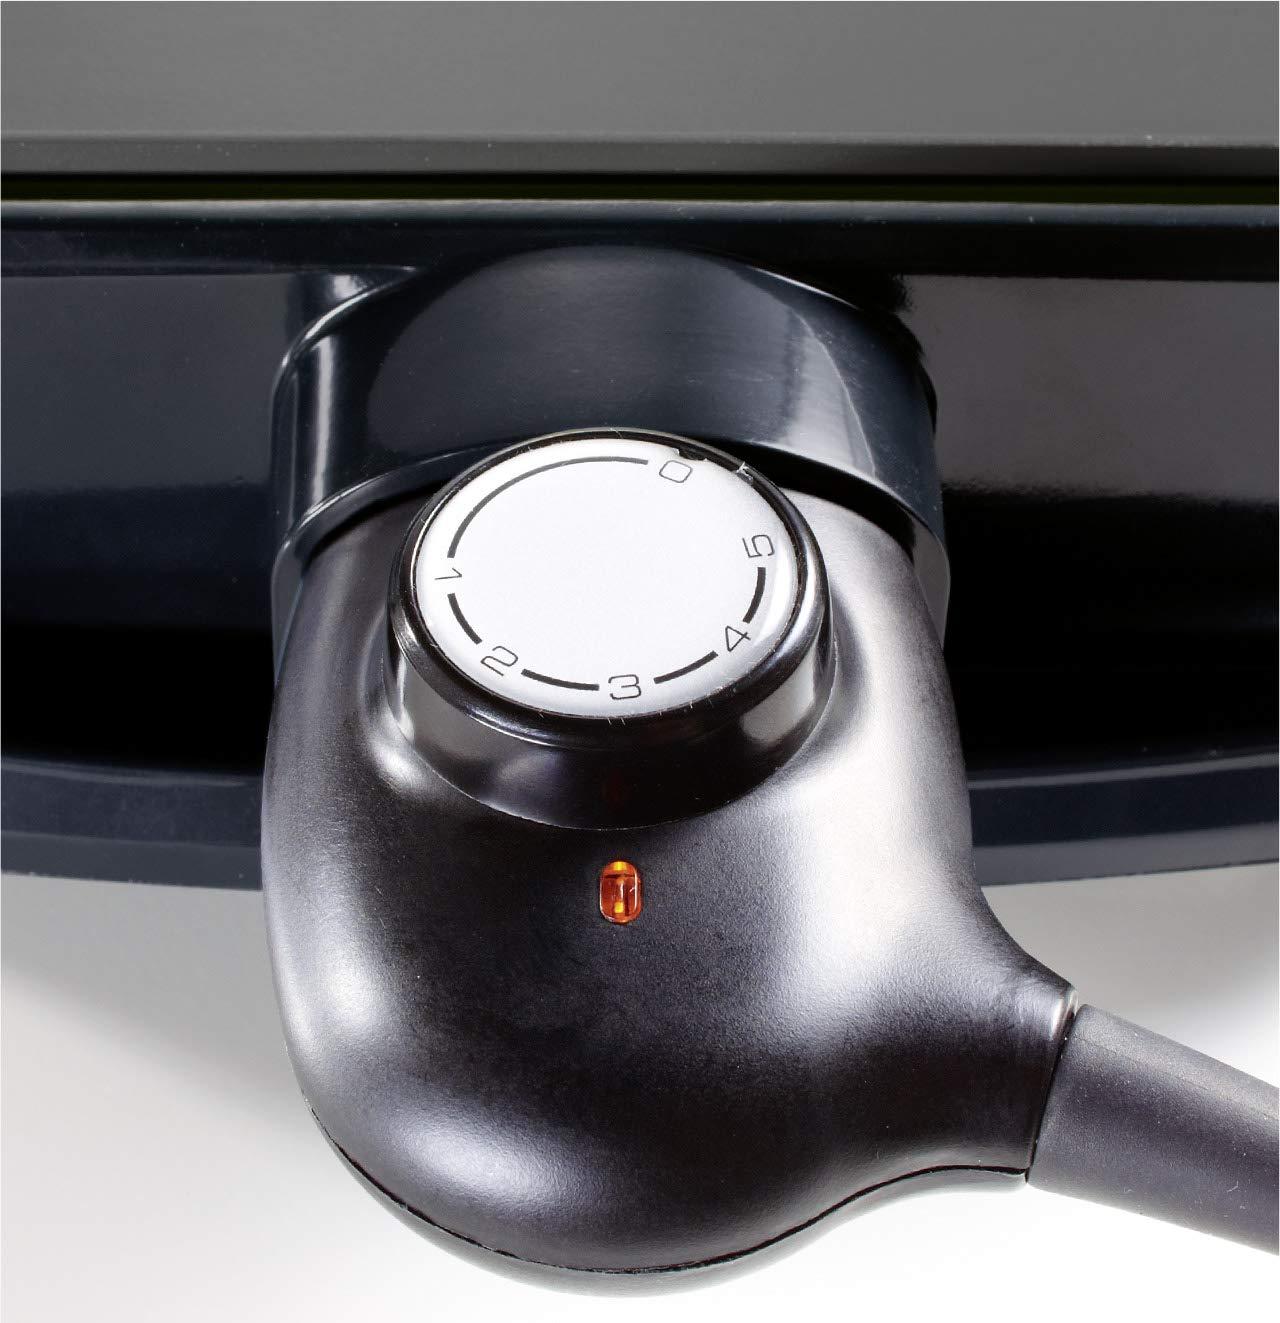 Crustac/és Poissons L/égumes Fonte dAluminium Antiadh/ésive BRANDT 80 /°C /à 200 /°C Plancha Electrique PLA1322S Thermostat 5 Niveaux Cuisson Saine et Savoureuse des Viandes 2200 W